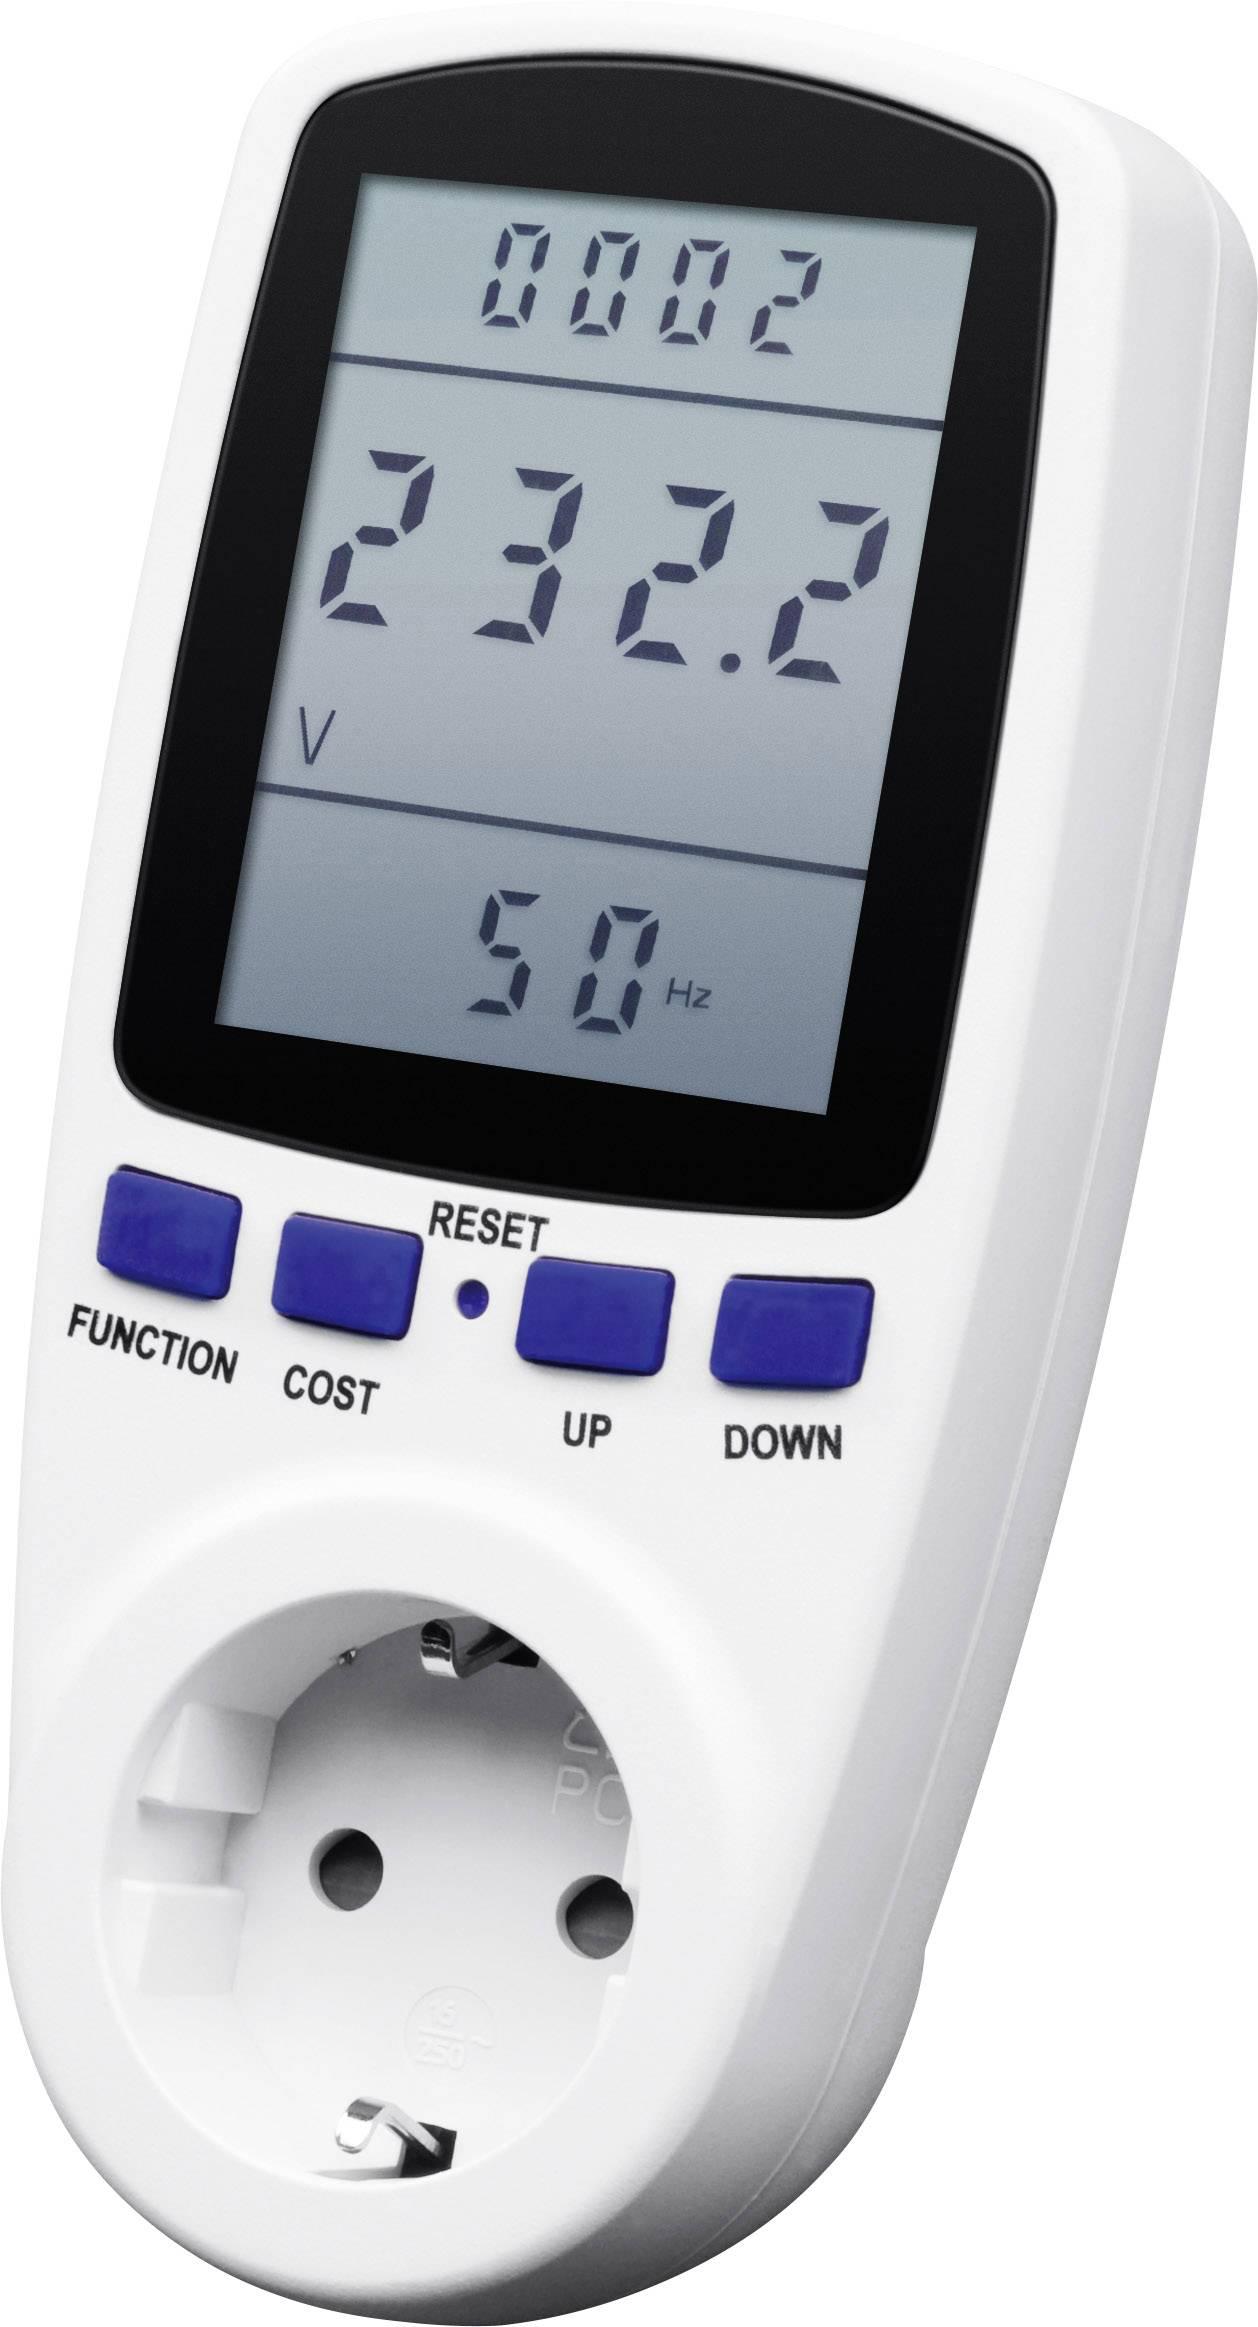 Verbazingwekkend X4-LIFE Inspector III Energiekostenmeter   Conrad.nl DE-13